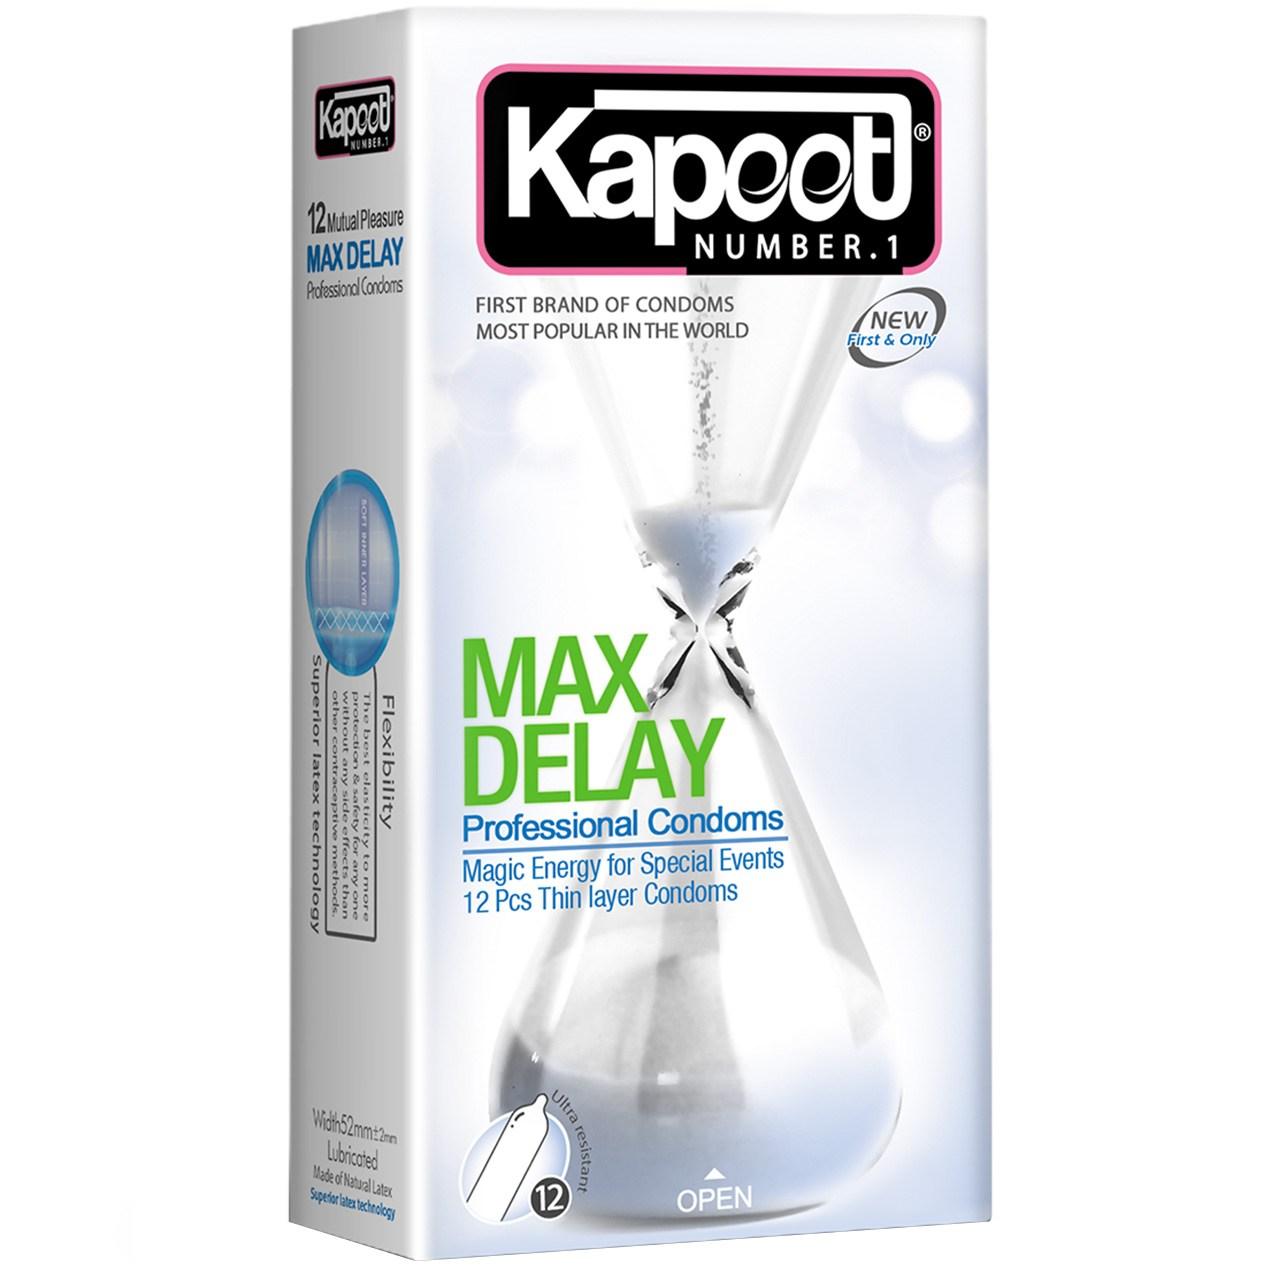 قیمت کاندوم کاپوت مدل Max Delay بسته 12 عددی